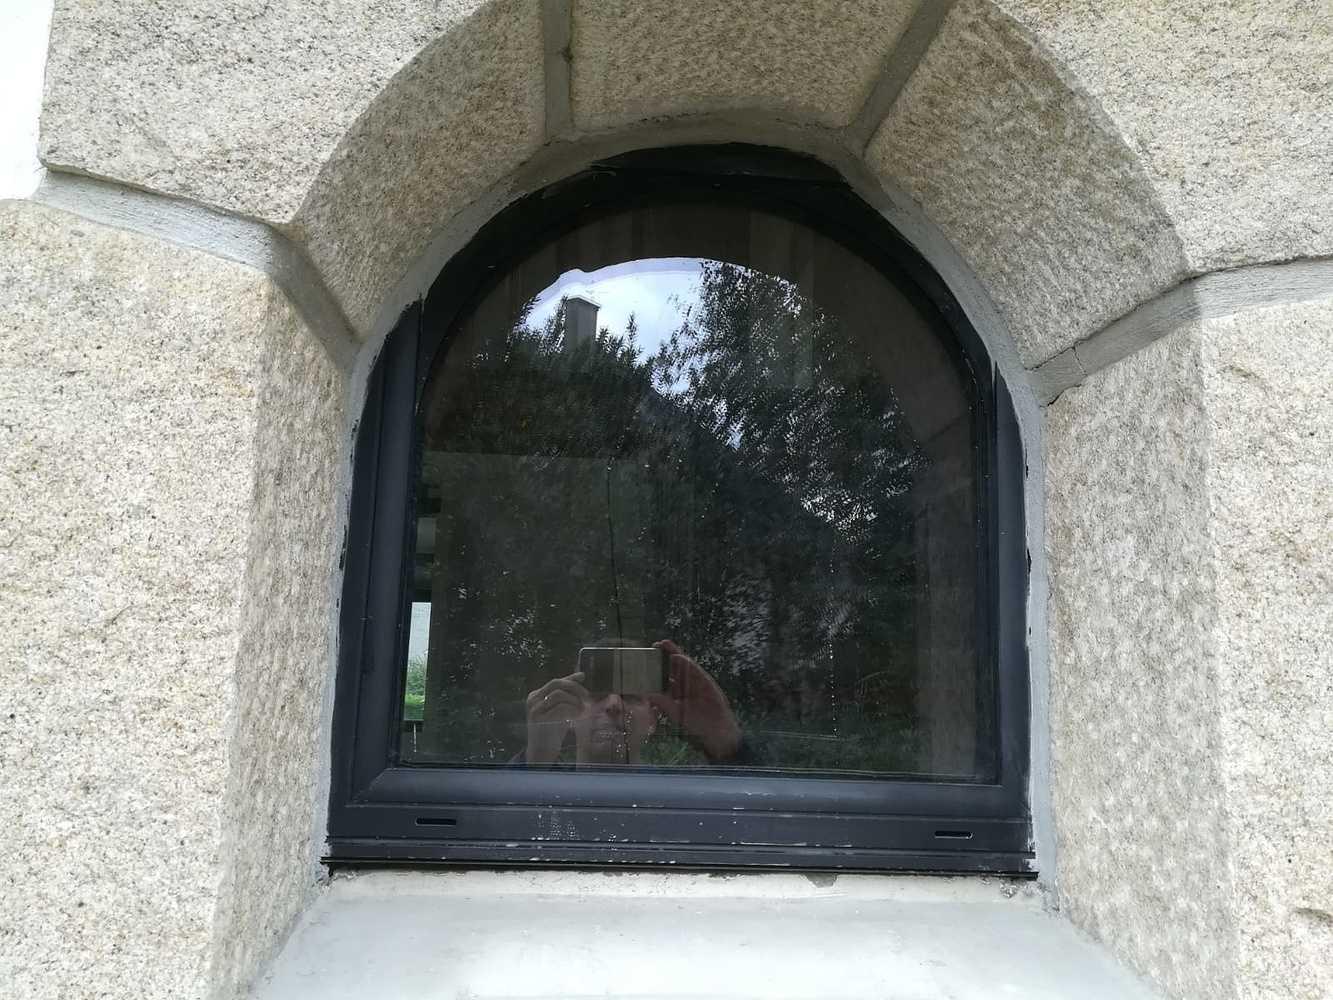 Rénovation fenêtres et baise vitrées alu 4